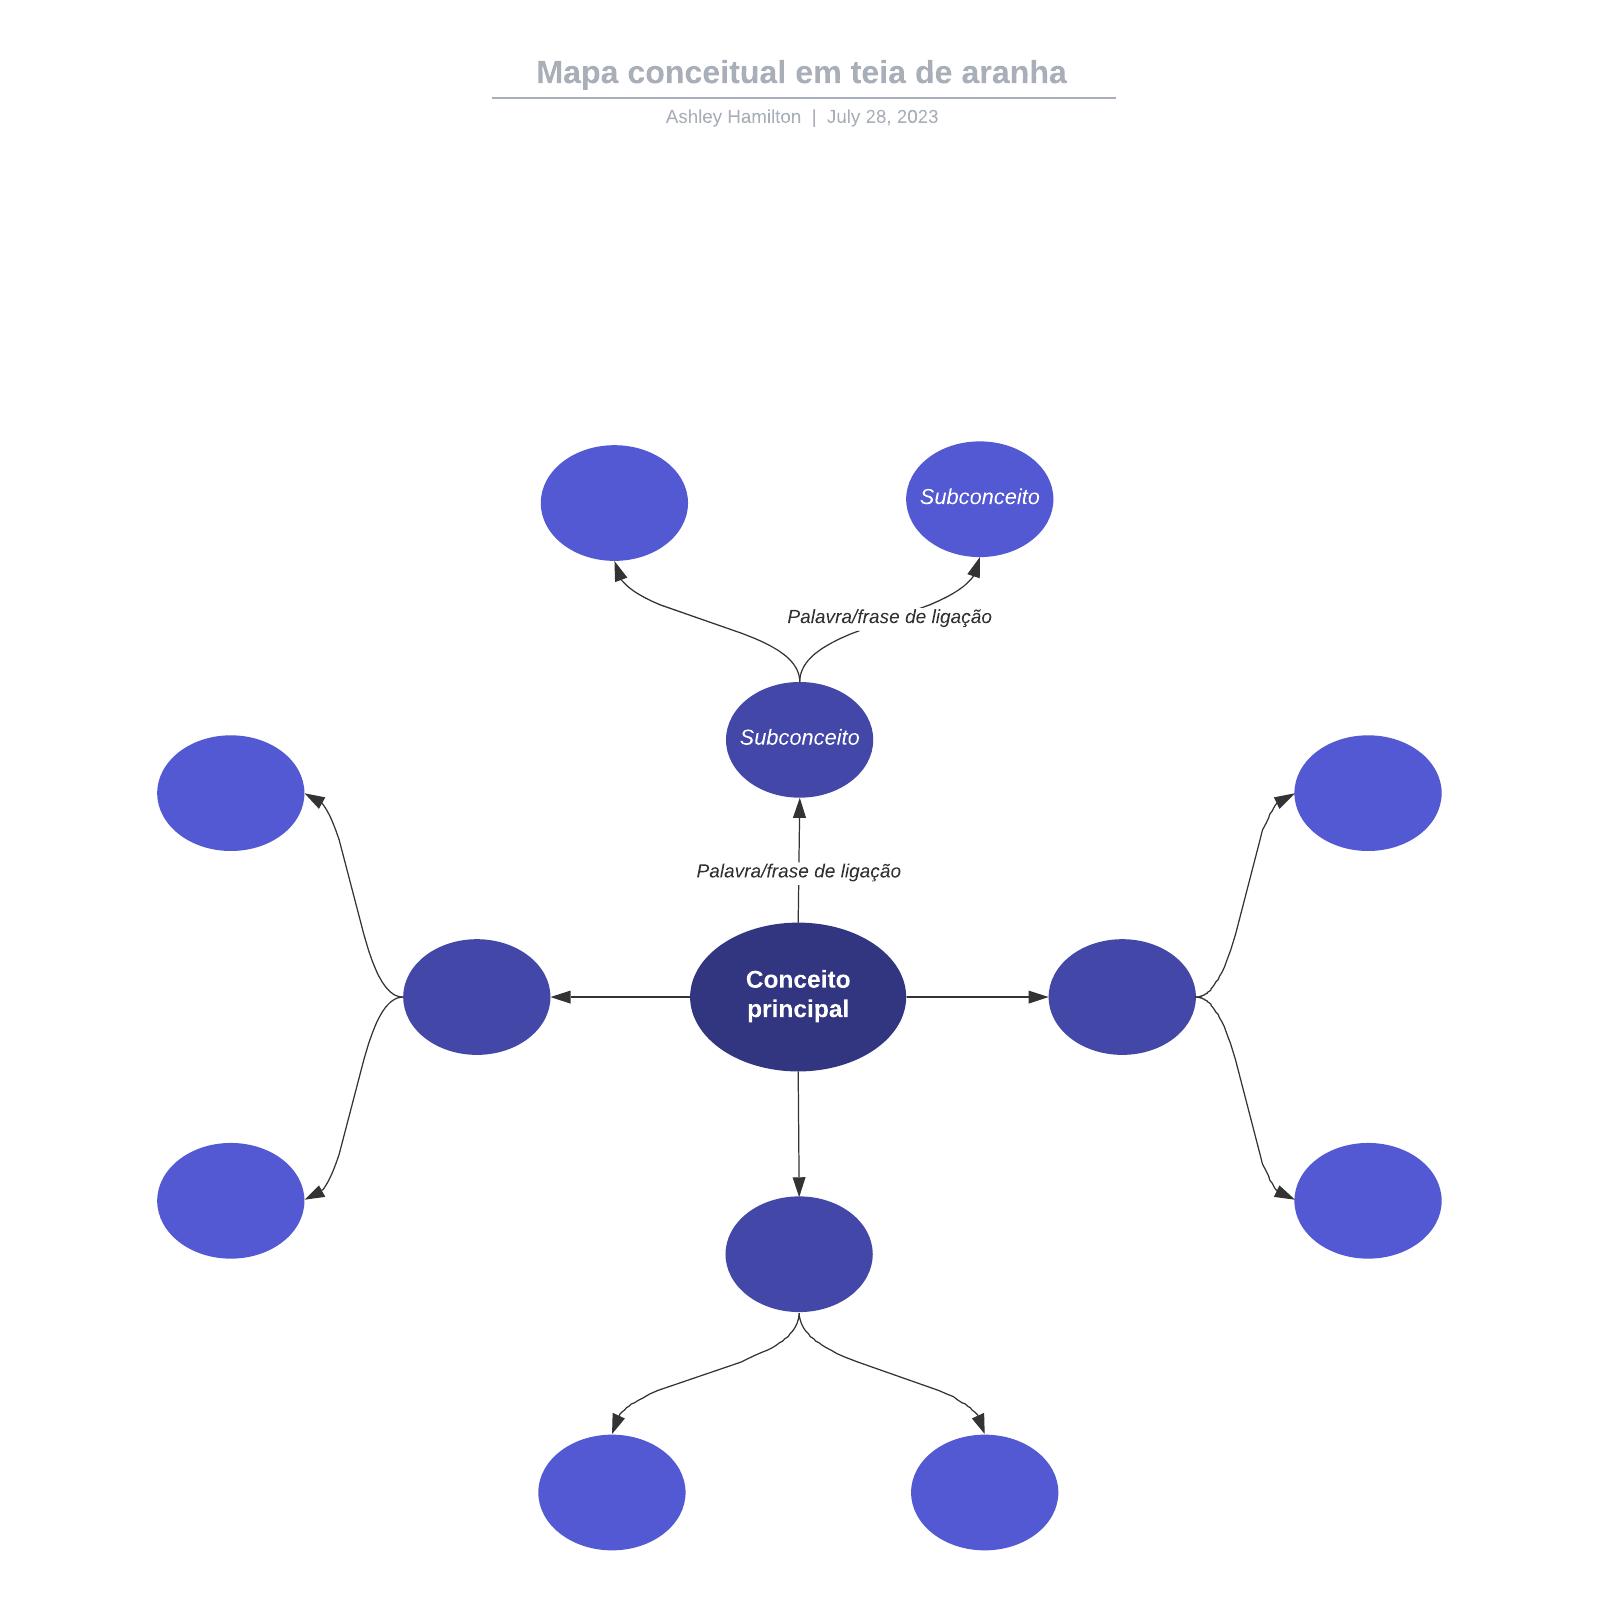 Mapa conceitual em teia de aranha